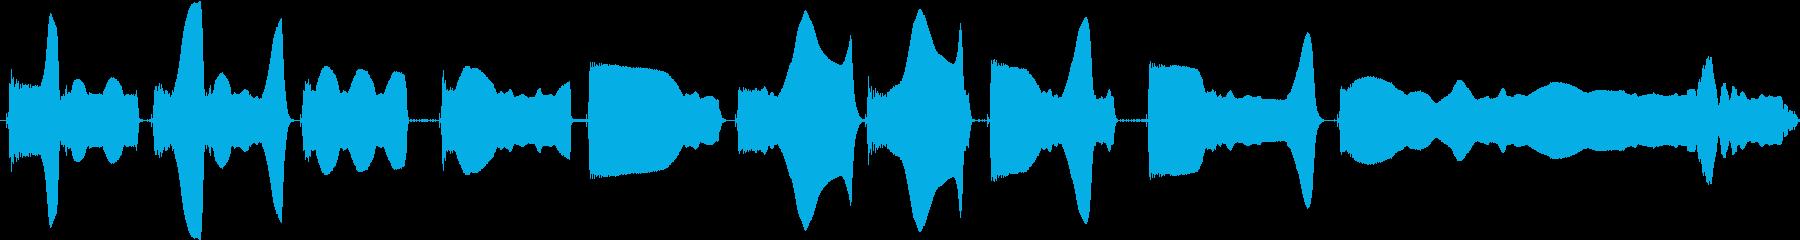 トーンベース変調の再生済みの波形